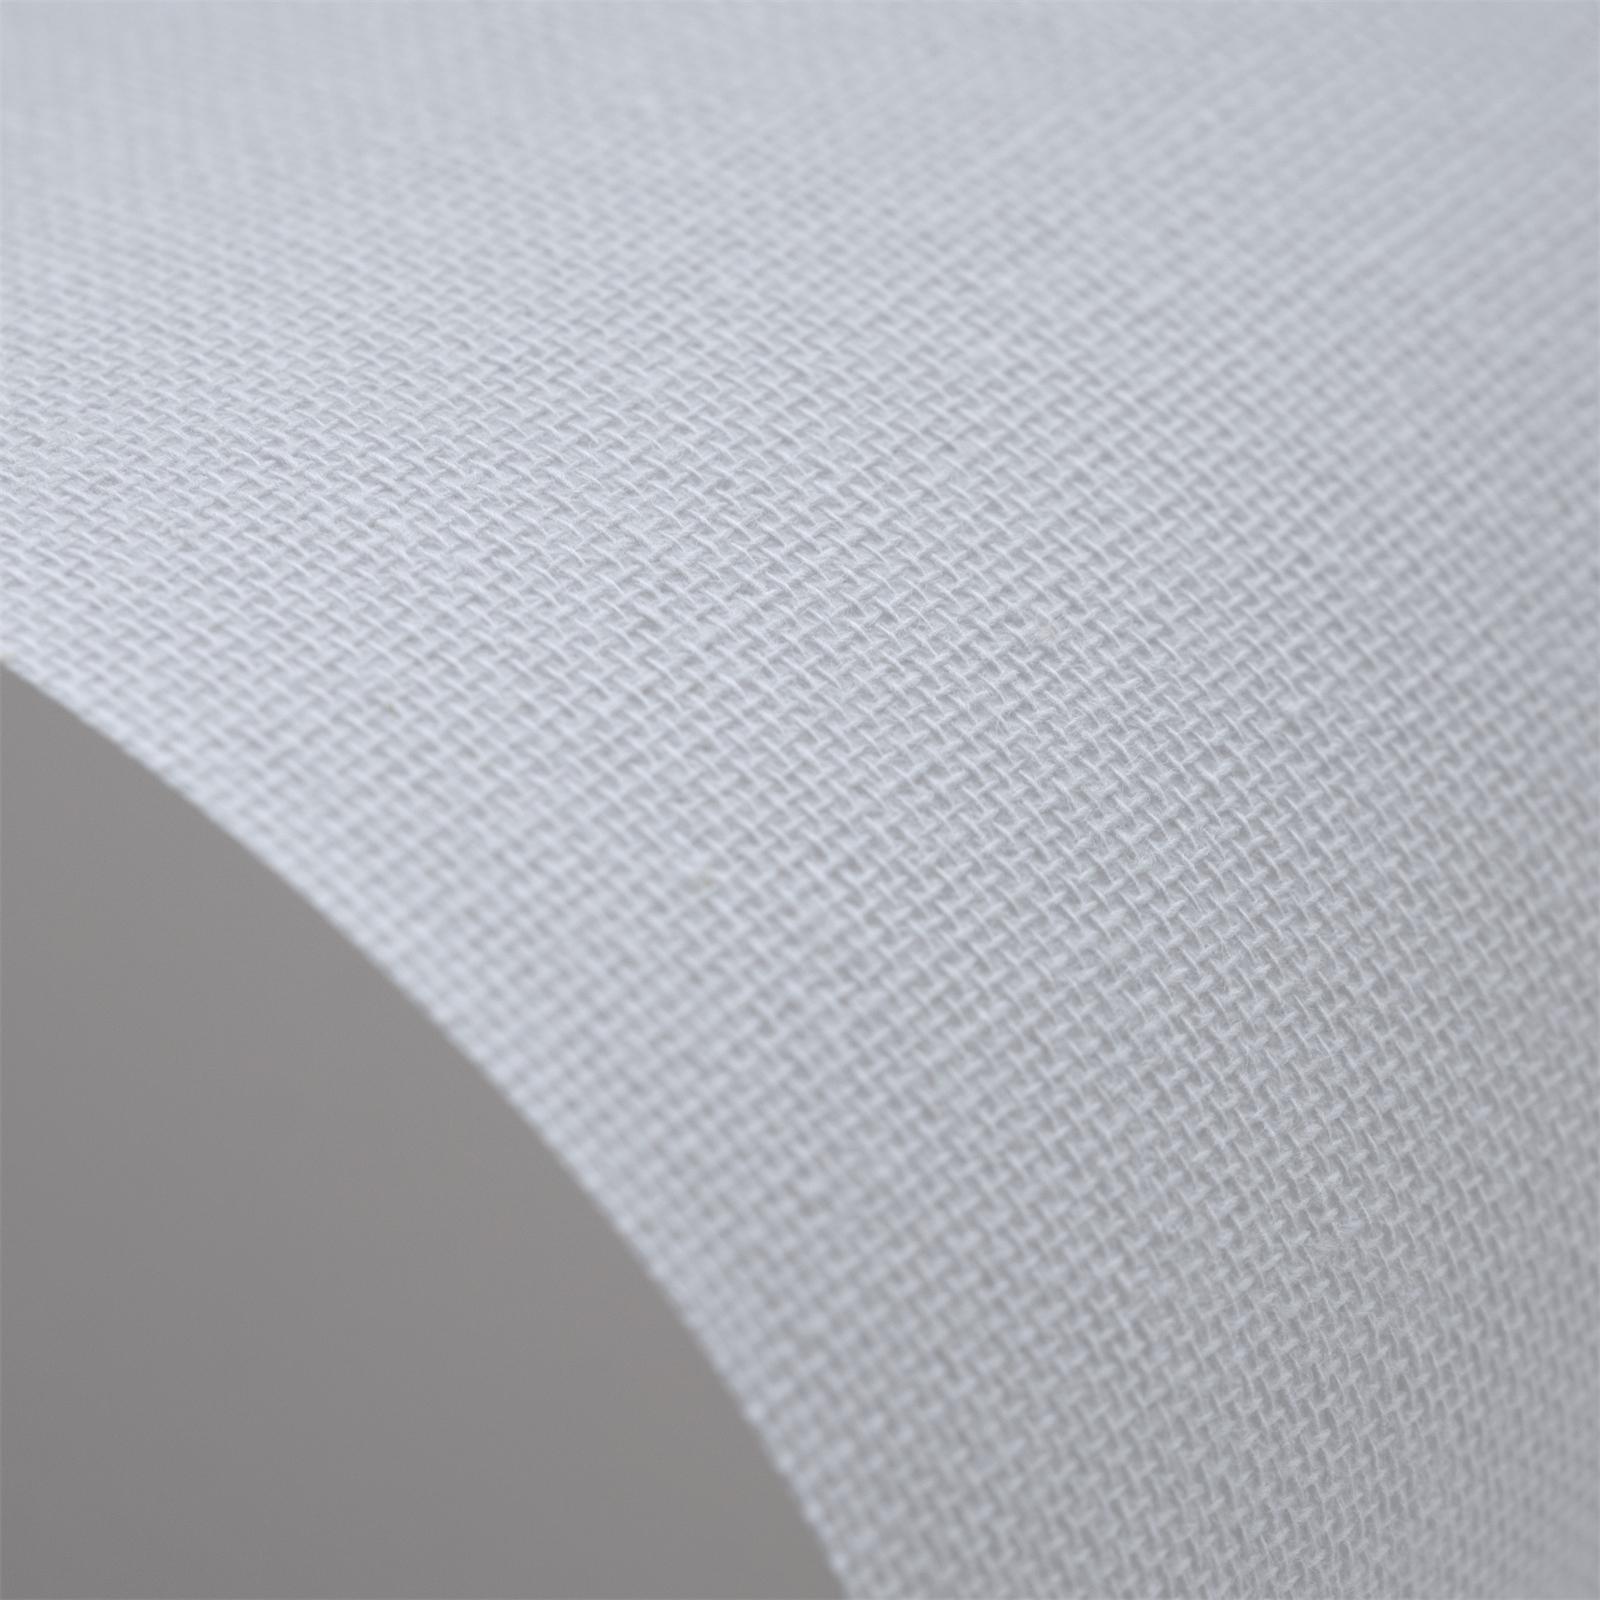 HOCHWERTIGER-LEINWAND-BLOCK-265-gsm-Baumwolle-A3-10-Blatt-Maltuch miniatuur 4